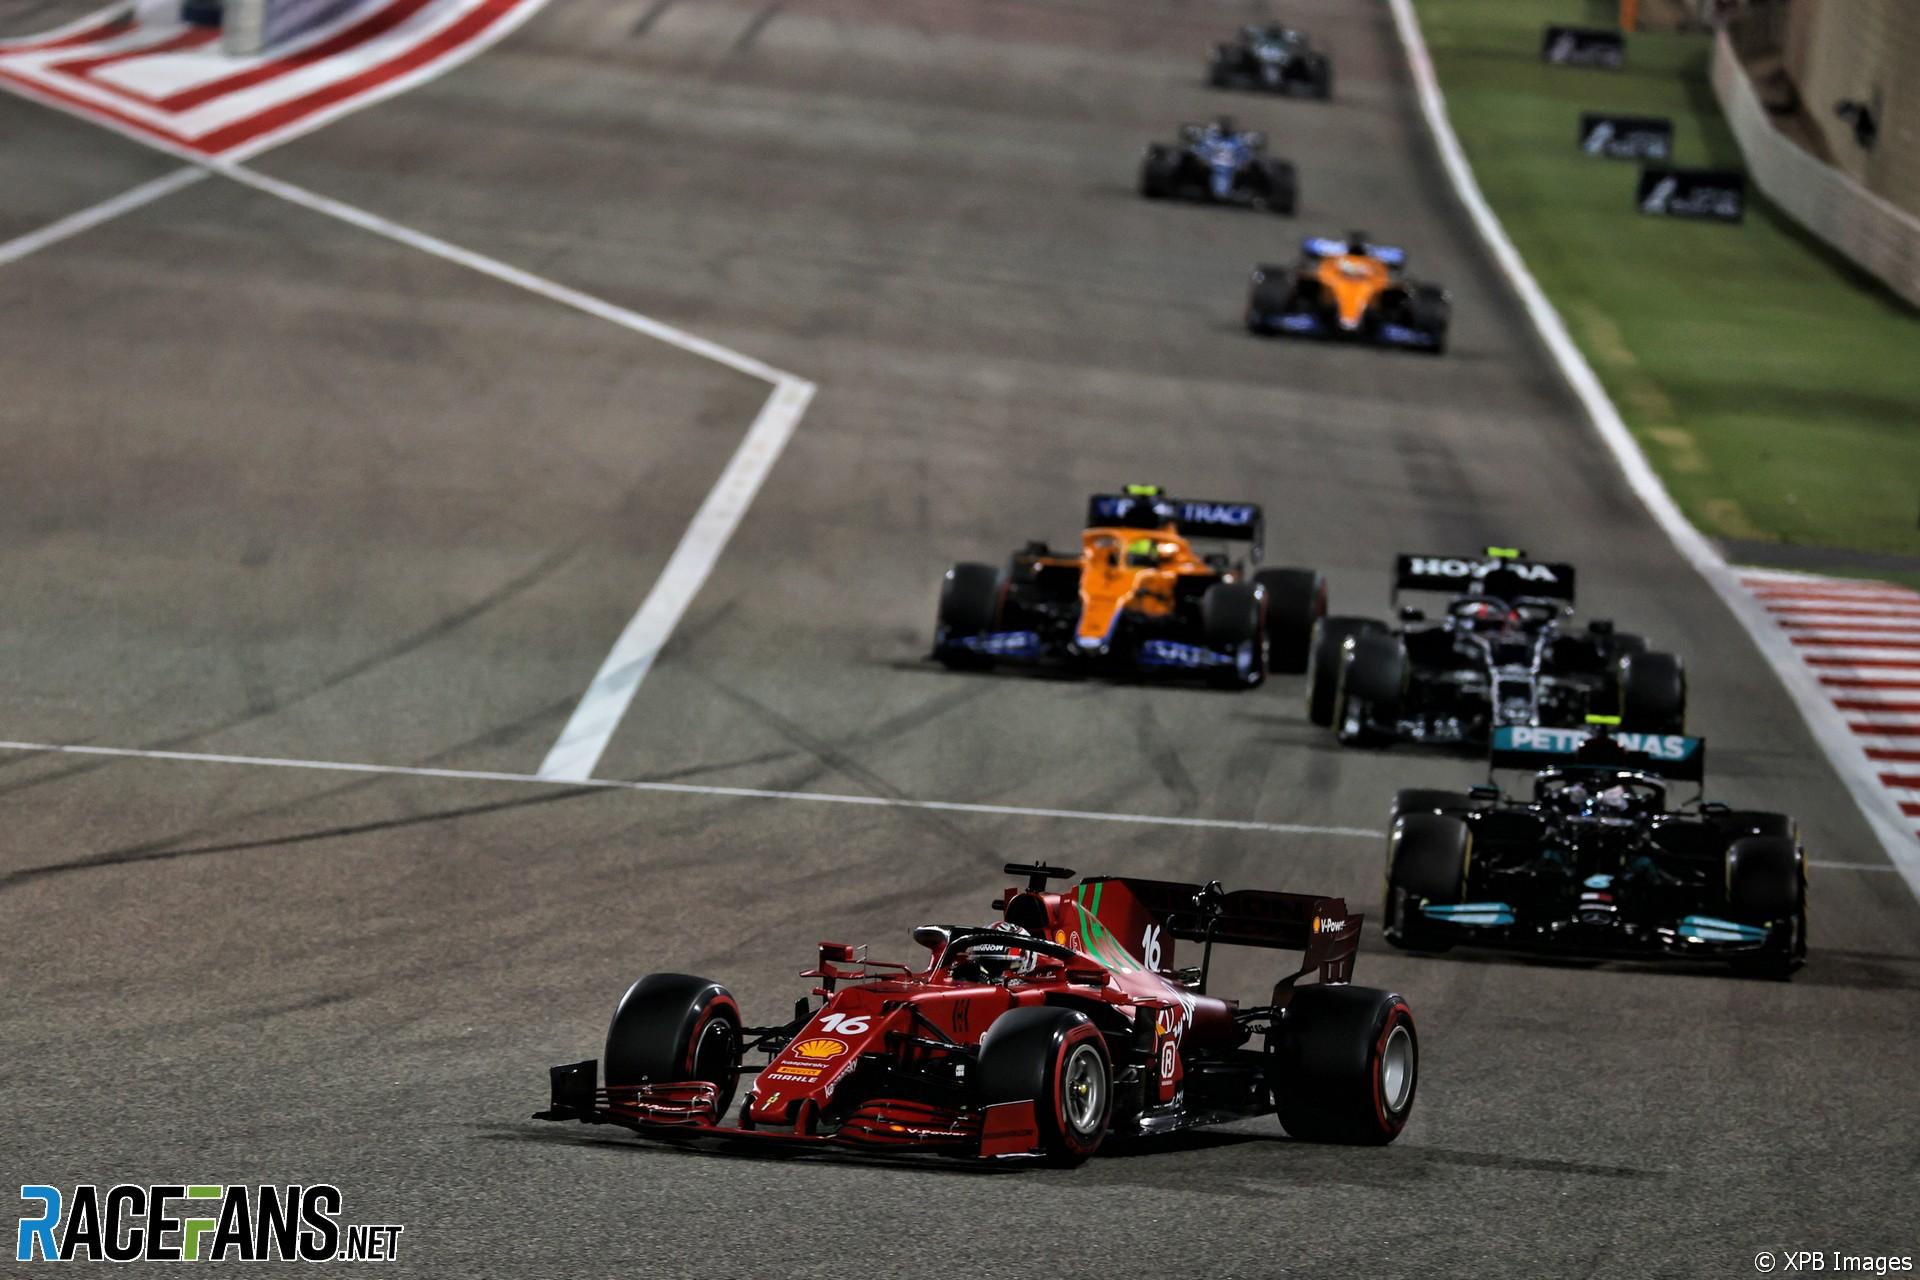 Charles Leclerc, Ferrari, Bahrain International Circuit, 2021